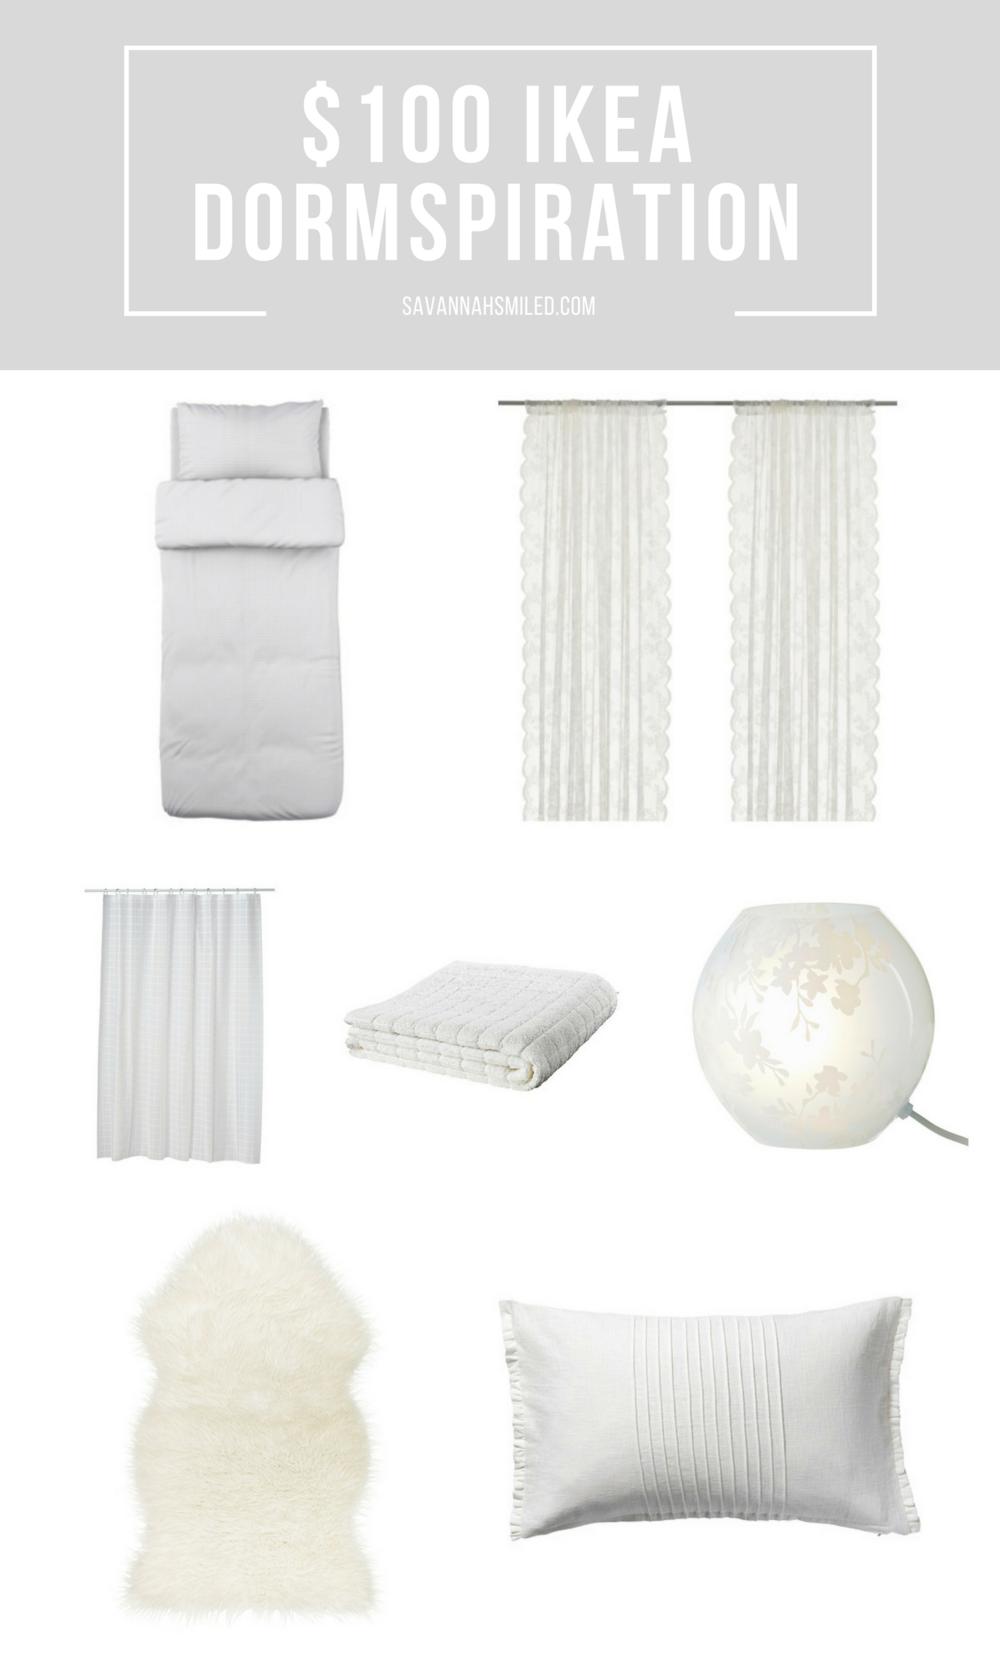 ikea-dorm-white-inspiration